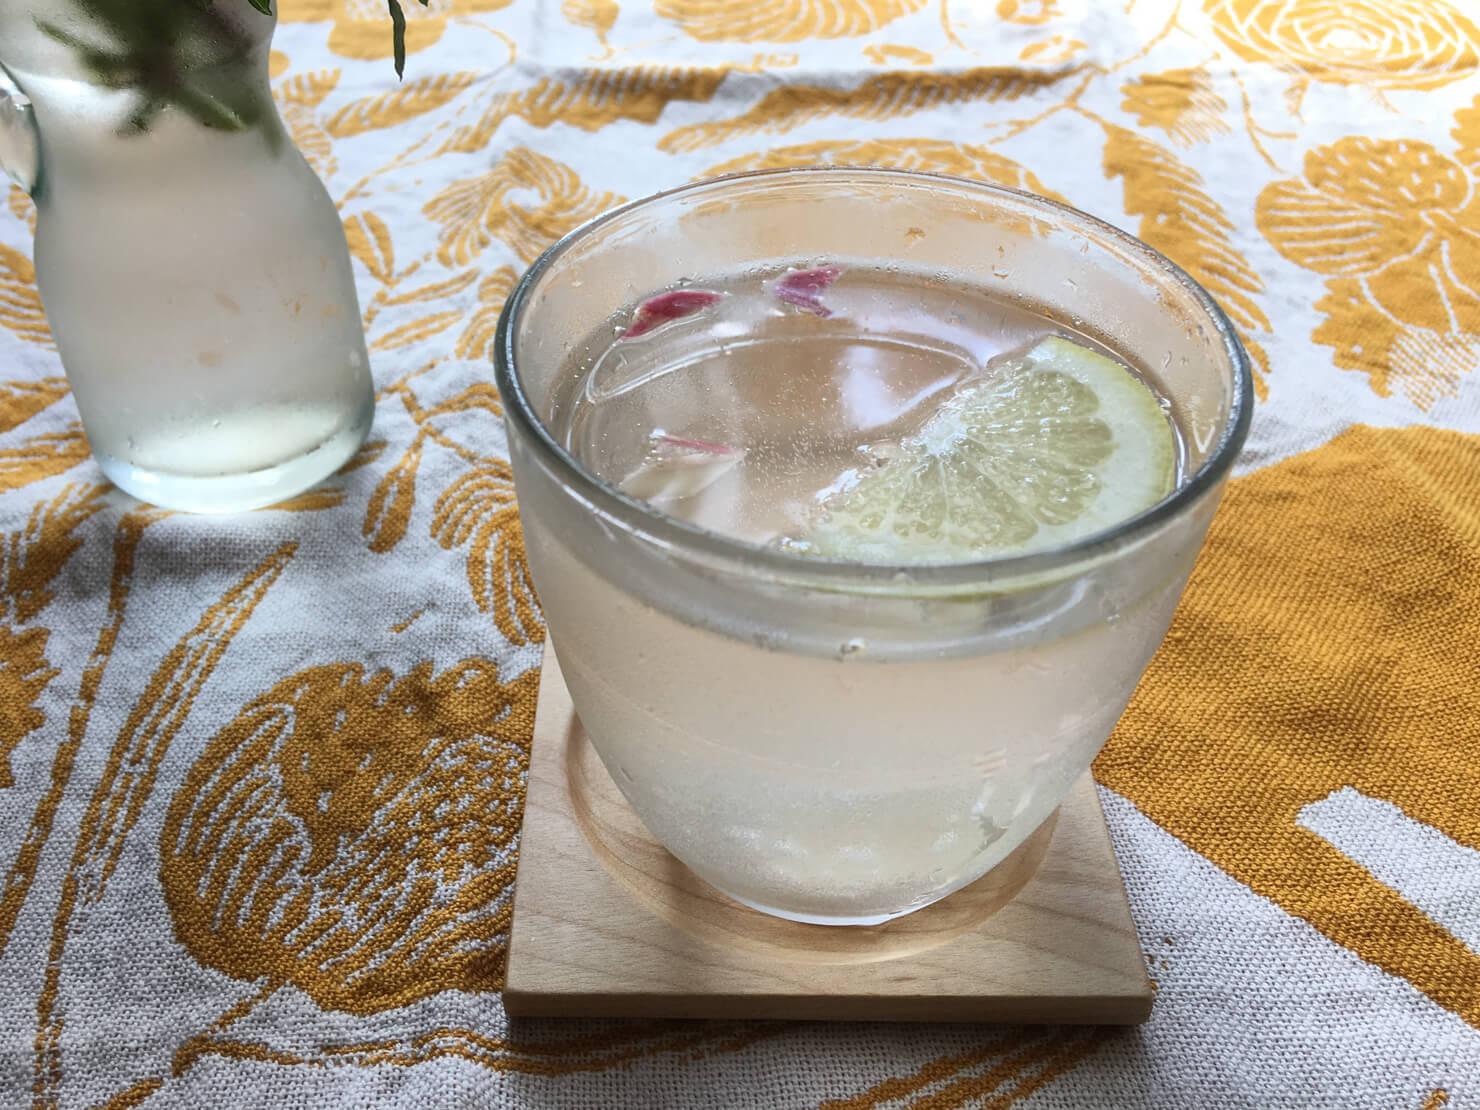 新生姜のハチミツ漬けで作ったジンジャーエールの写真